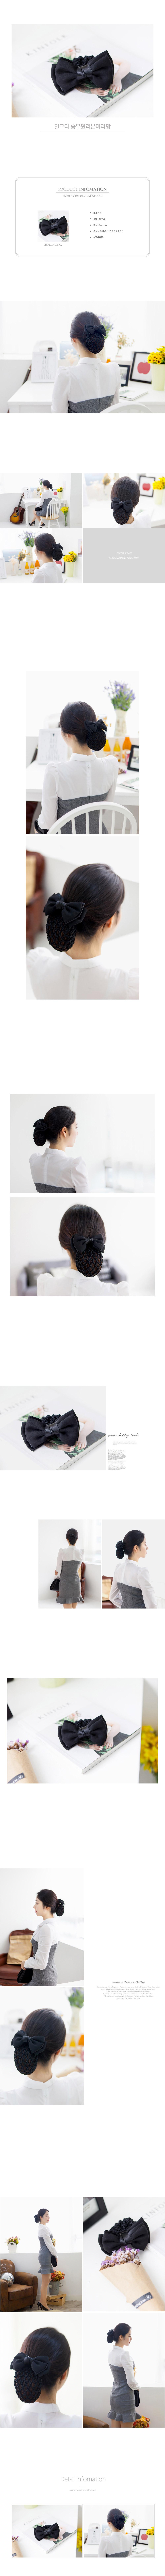 밀크티승무원 리본머리망 - 마리엔코코, 6,900원, 헤어핀/밴드/끈, 헤어핀/끈